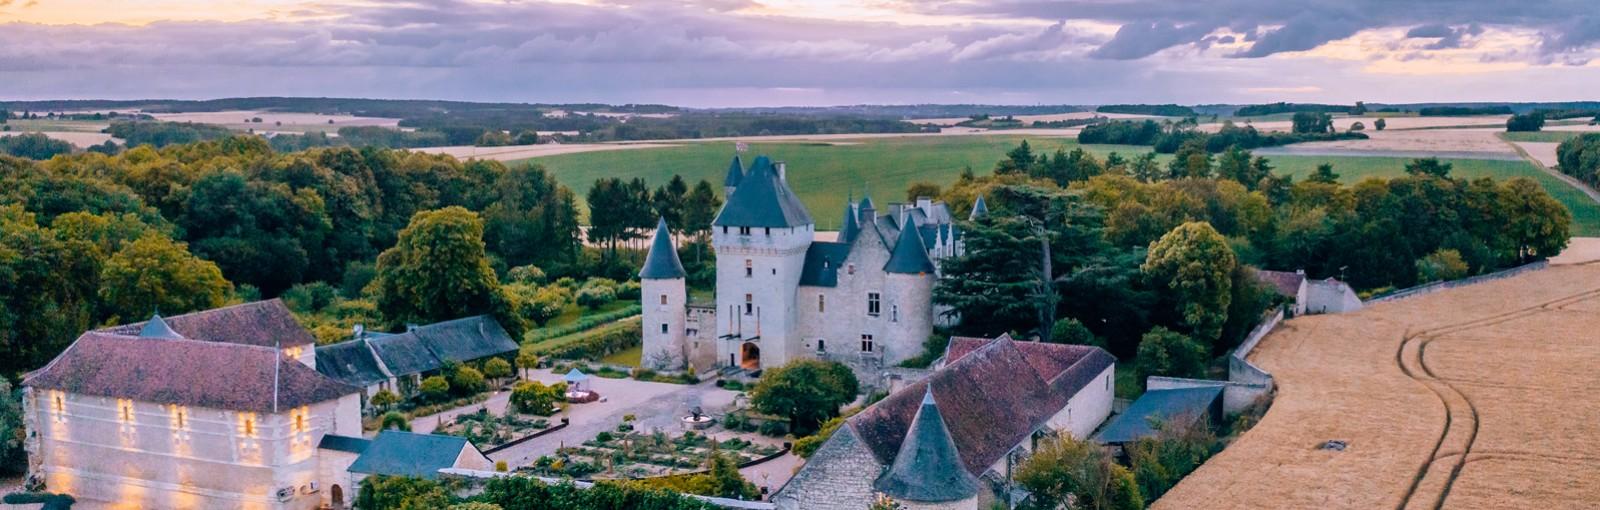 Château - Hôtel